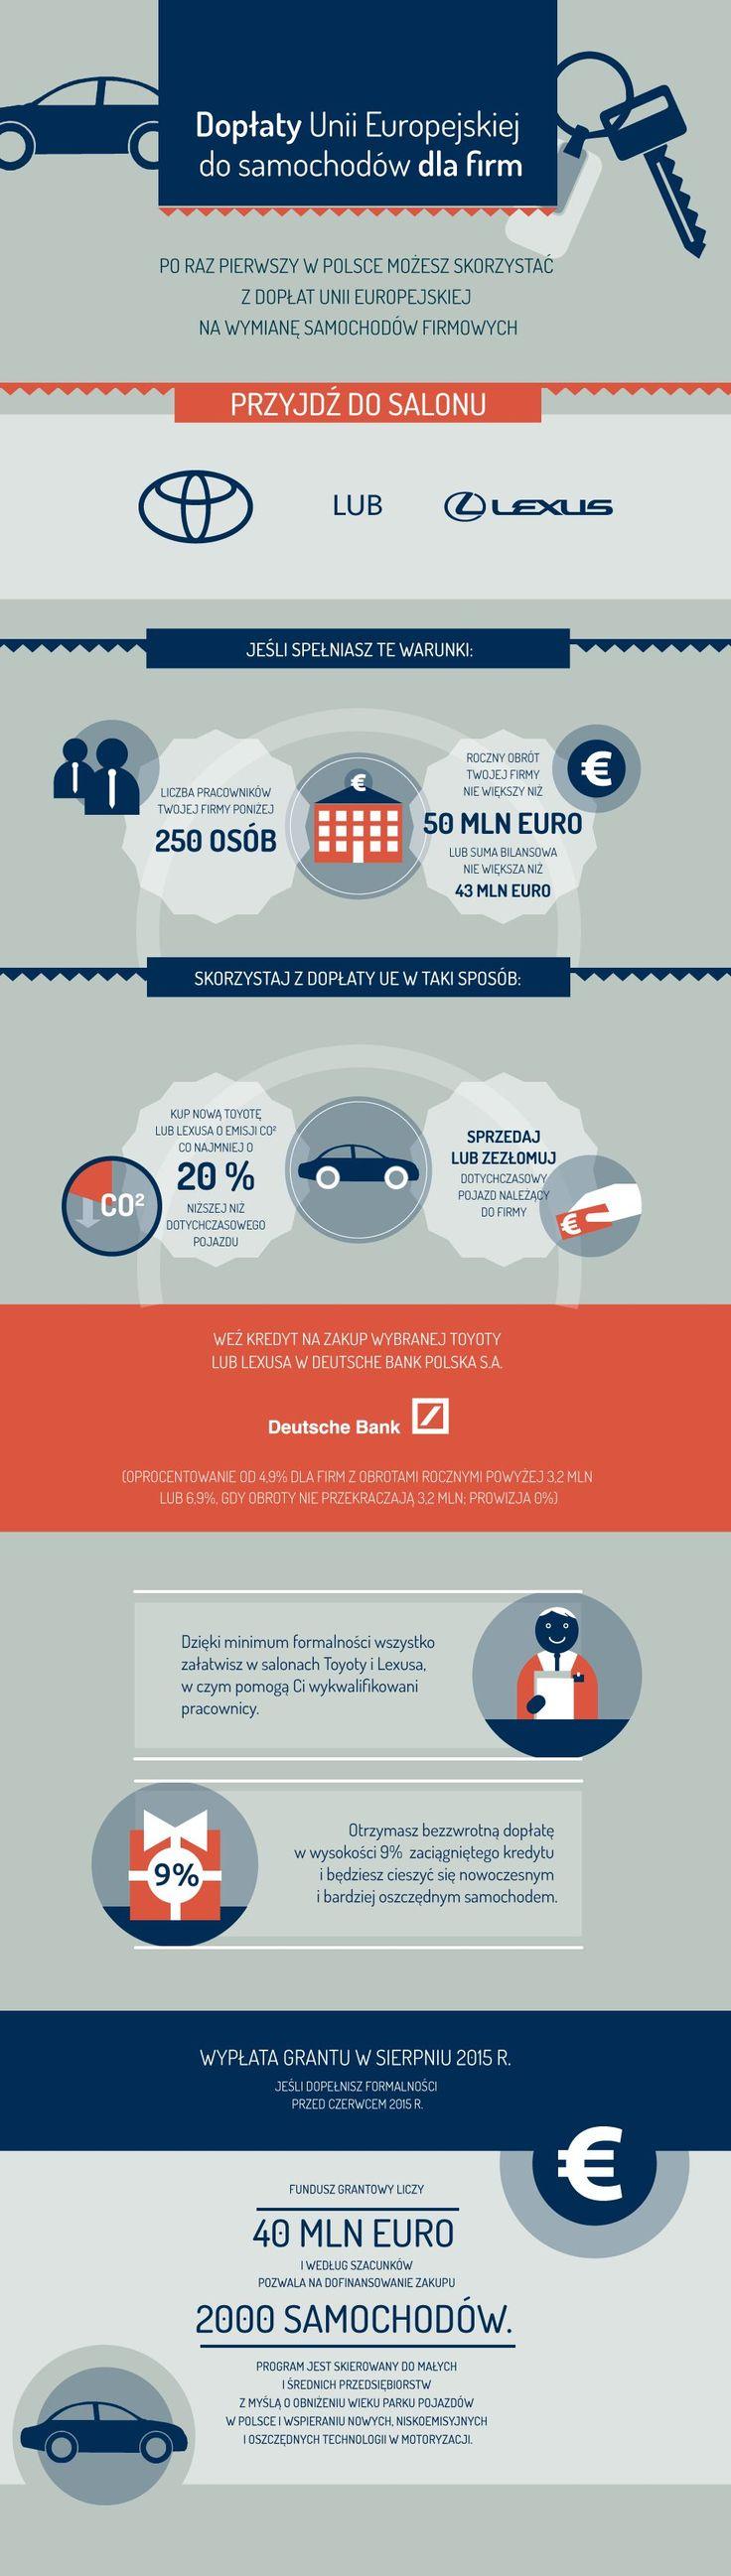 Jak wziąć kredyt na samochód z dopłatą? Zapoznaj się z infografiką!